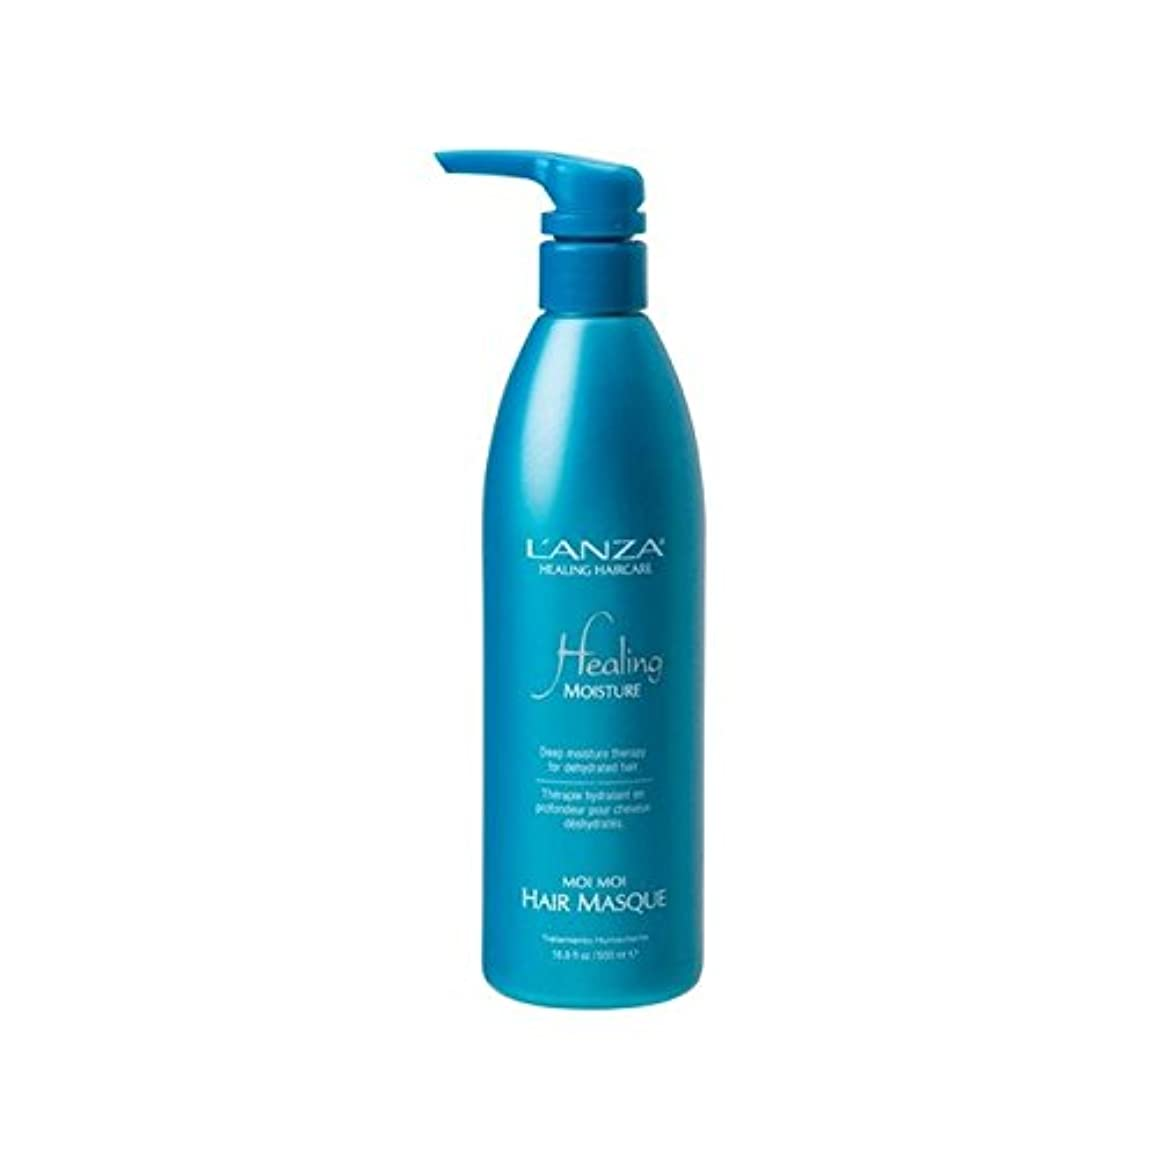 歯科医ラフト実質的にアンザ癒しの水分モイモイヘア仮面劇(500ミリリットル) x2 - L'Anza Healing Moisture Moi Moi Hair Masque (500ml) (Pack of 2) [並行輸入品]